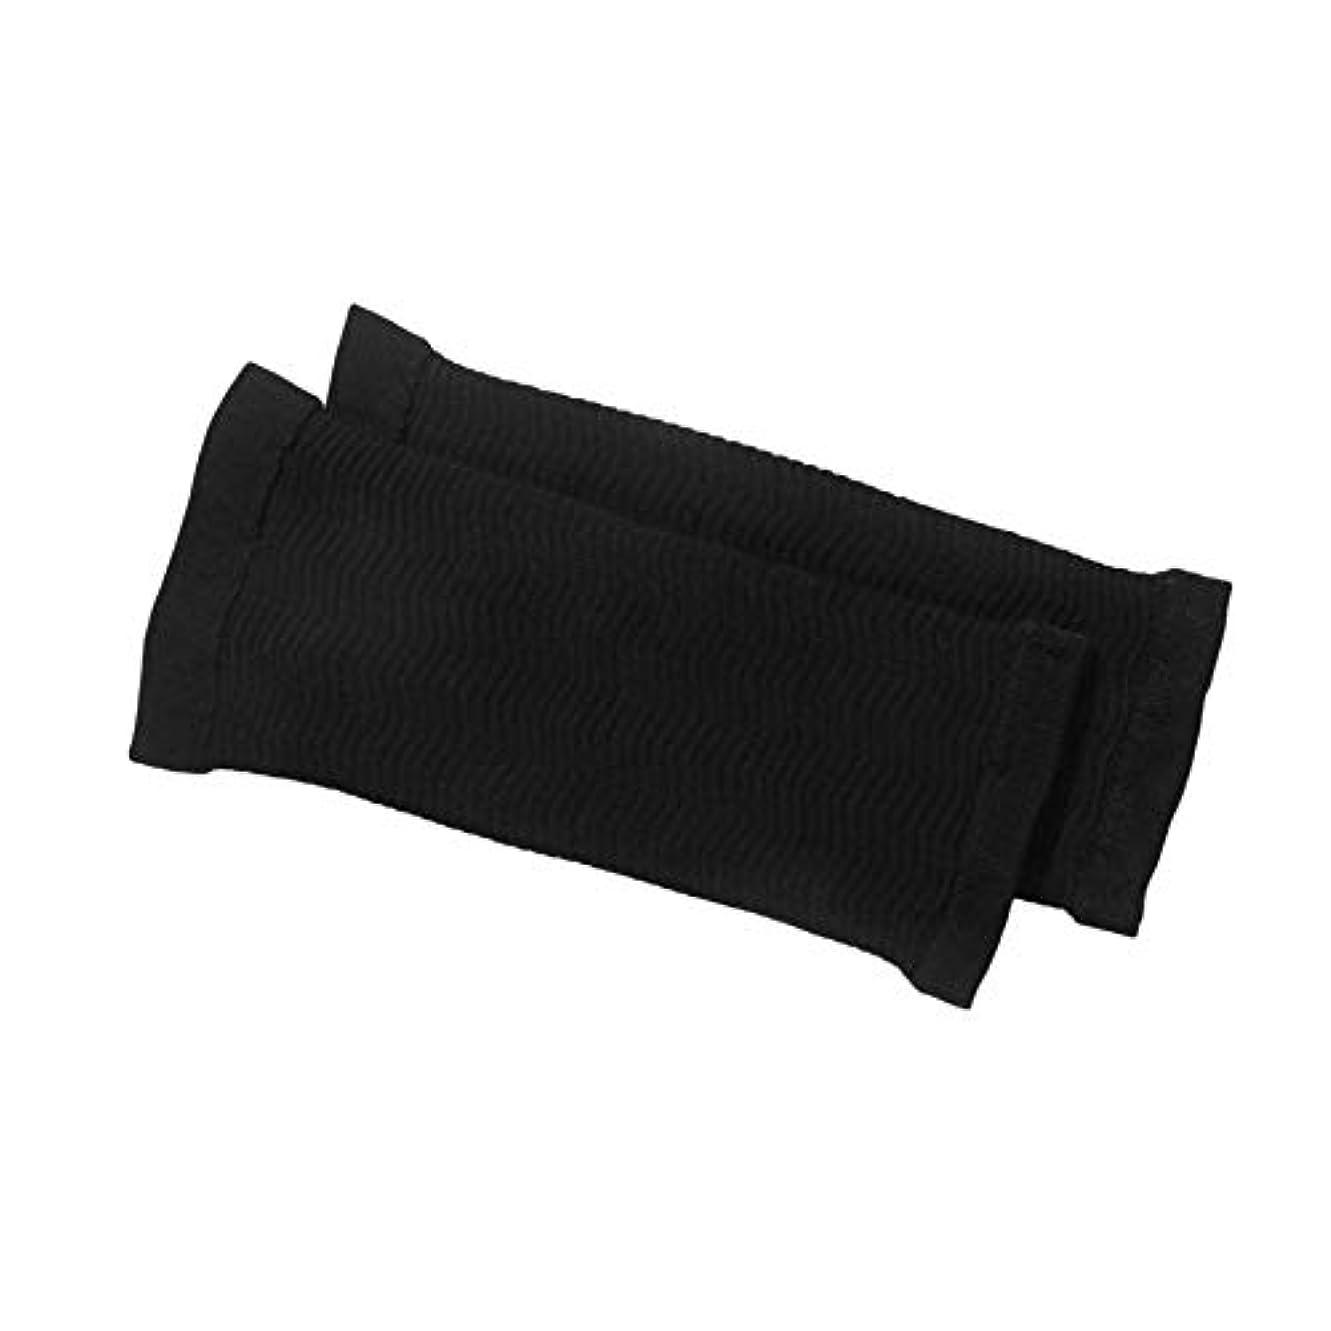 ウィザード好意的キャリア1ペア420 D圧縮痩身アームスリーブワークアウトトーニングバーンセルライトシェイパー脂肪燃焼袖用女性 - 黒